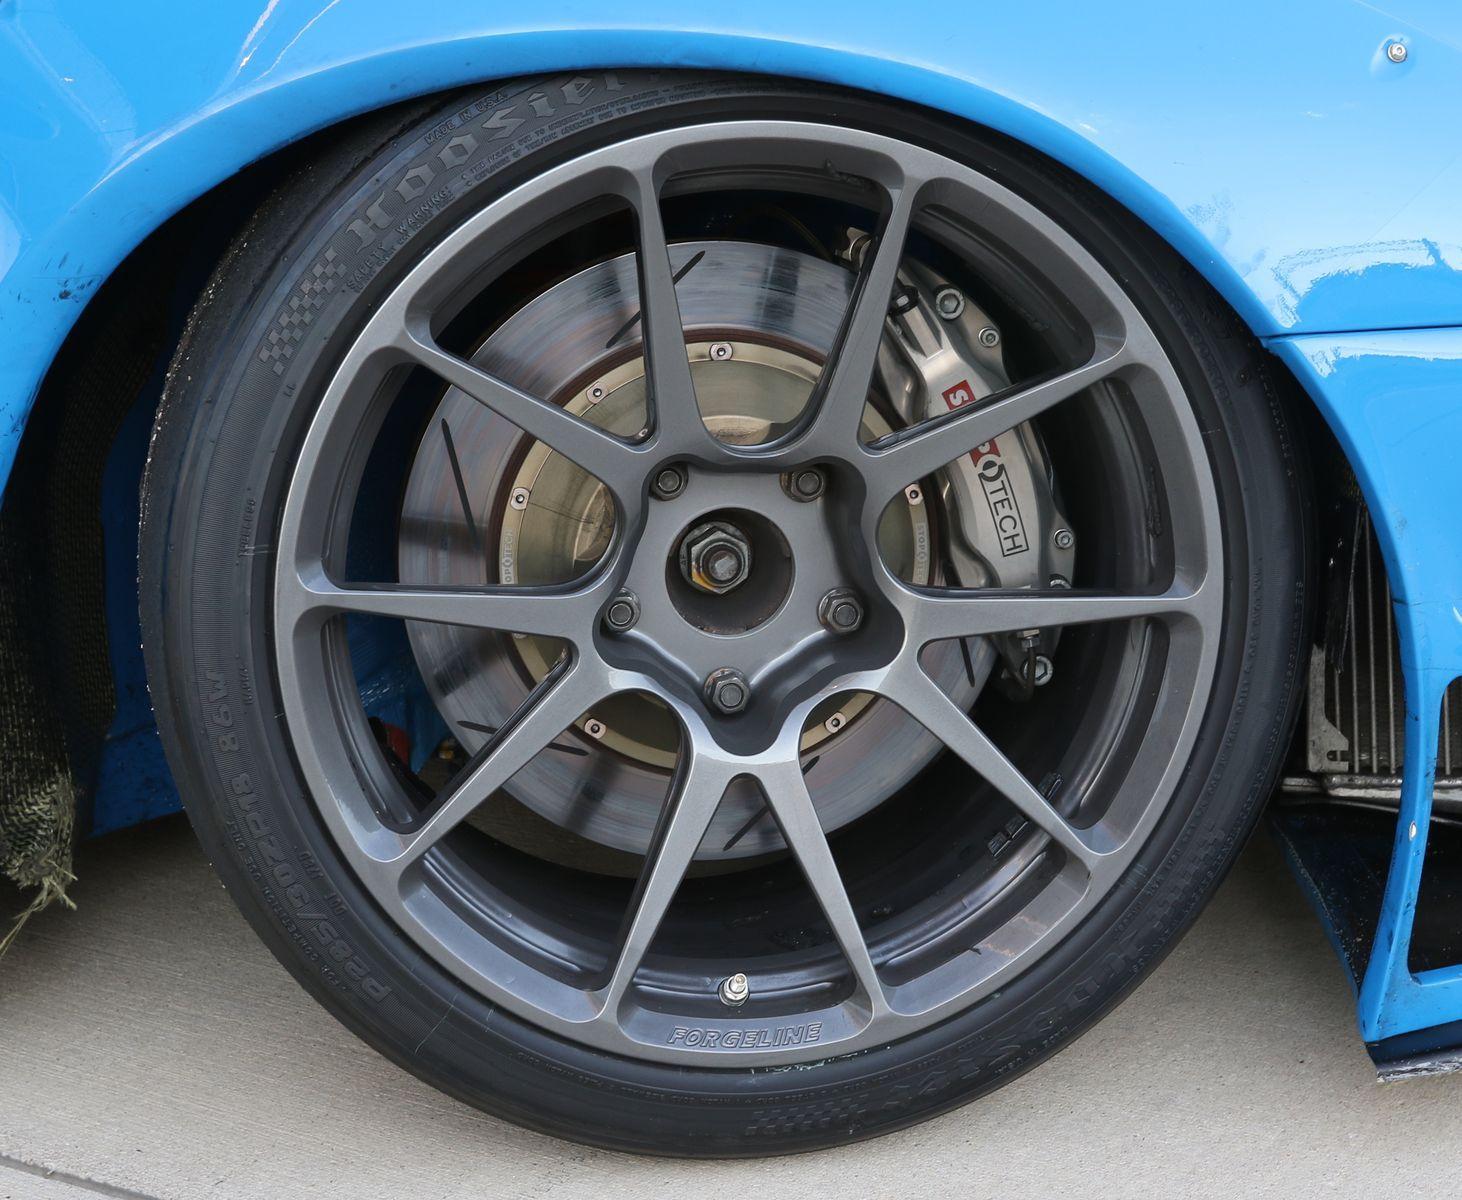 1995 Porsche 911 | 3.9L Porsche 993 GT2 RSR Widebody on Forgeline One Piece Forged Monoblock GS1R Wheels